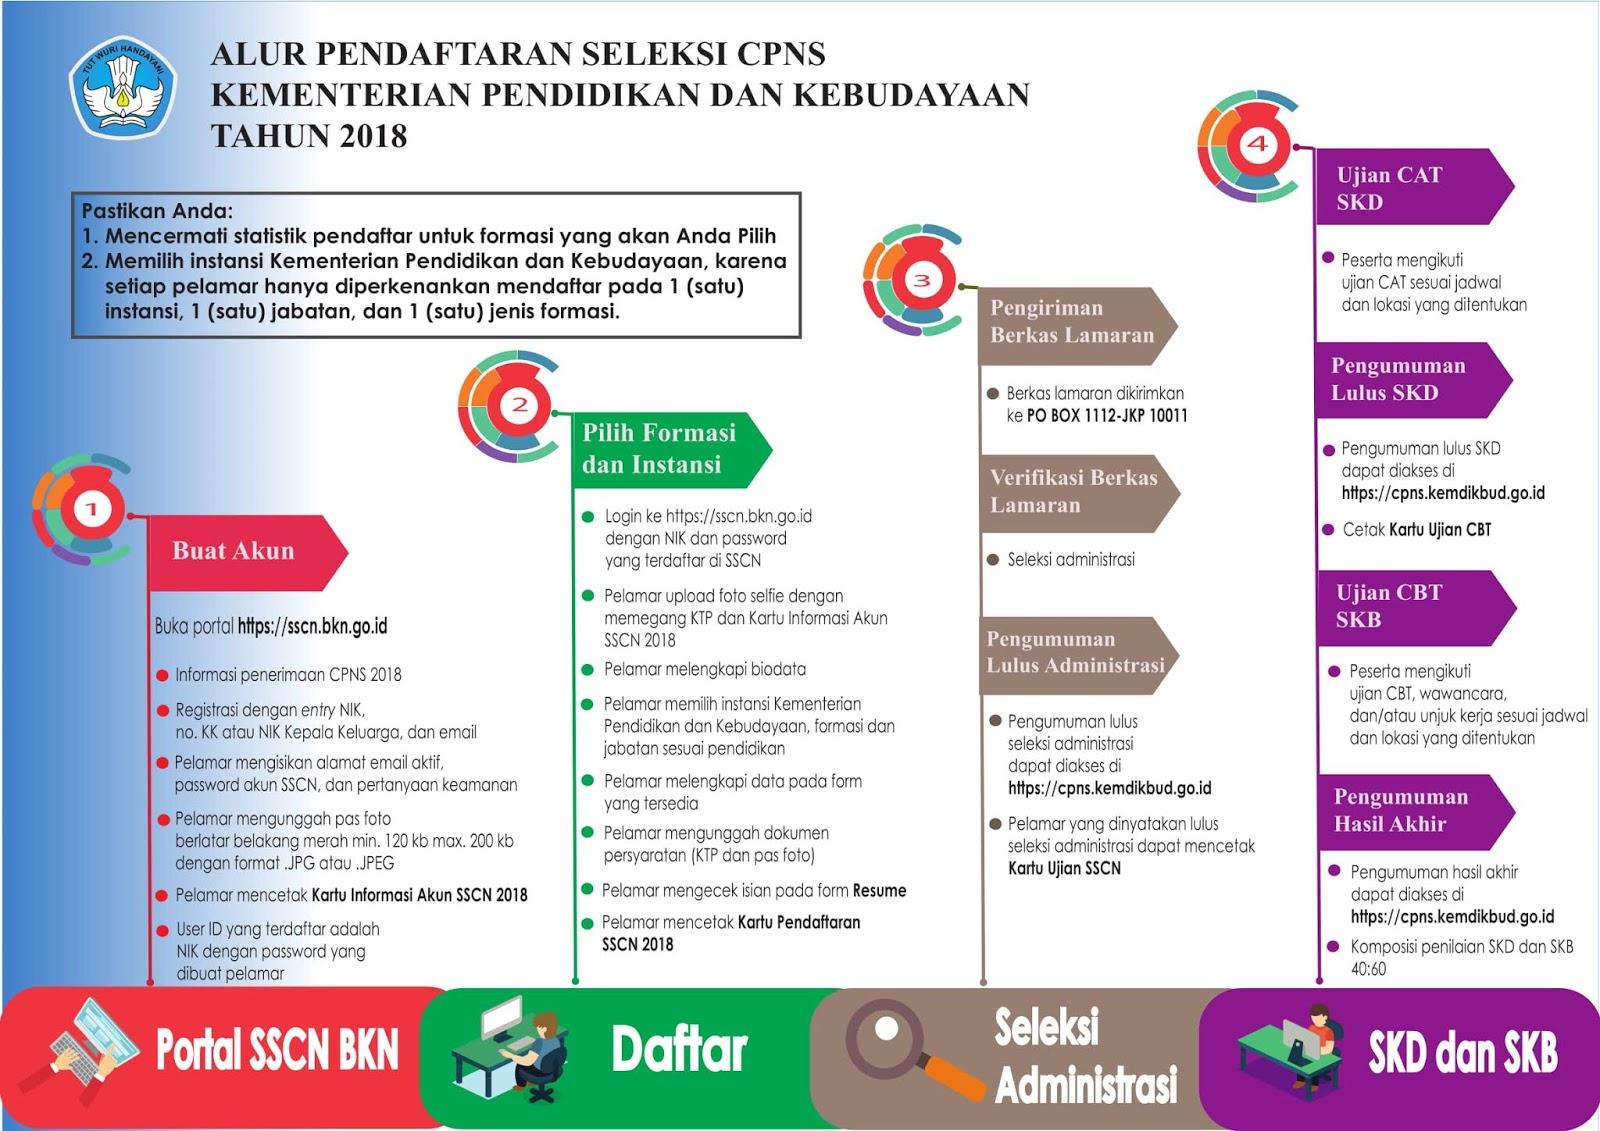 Rekrutmen CPNS Kementerian Pendidikan dan Kebudayaan Tahun 2018